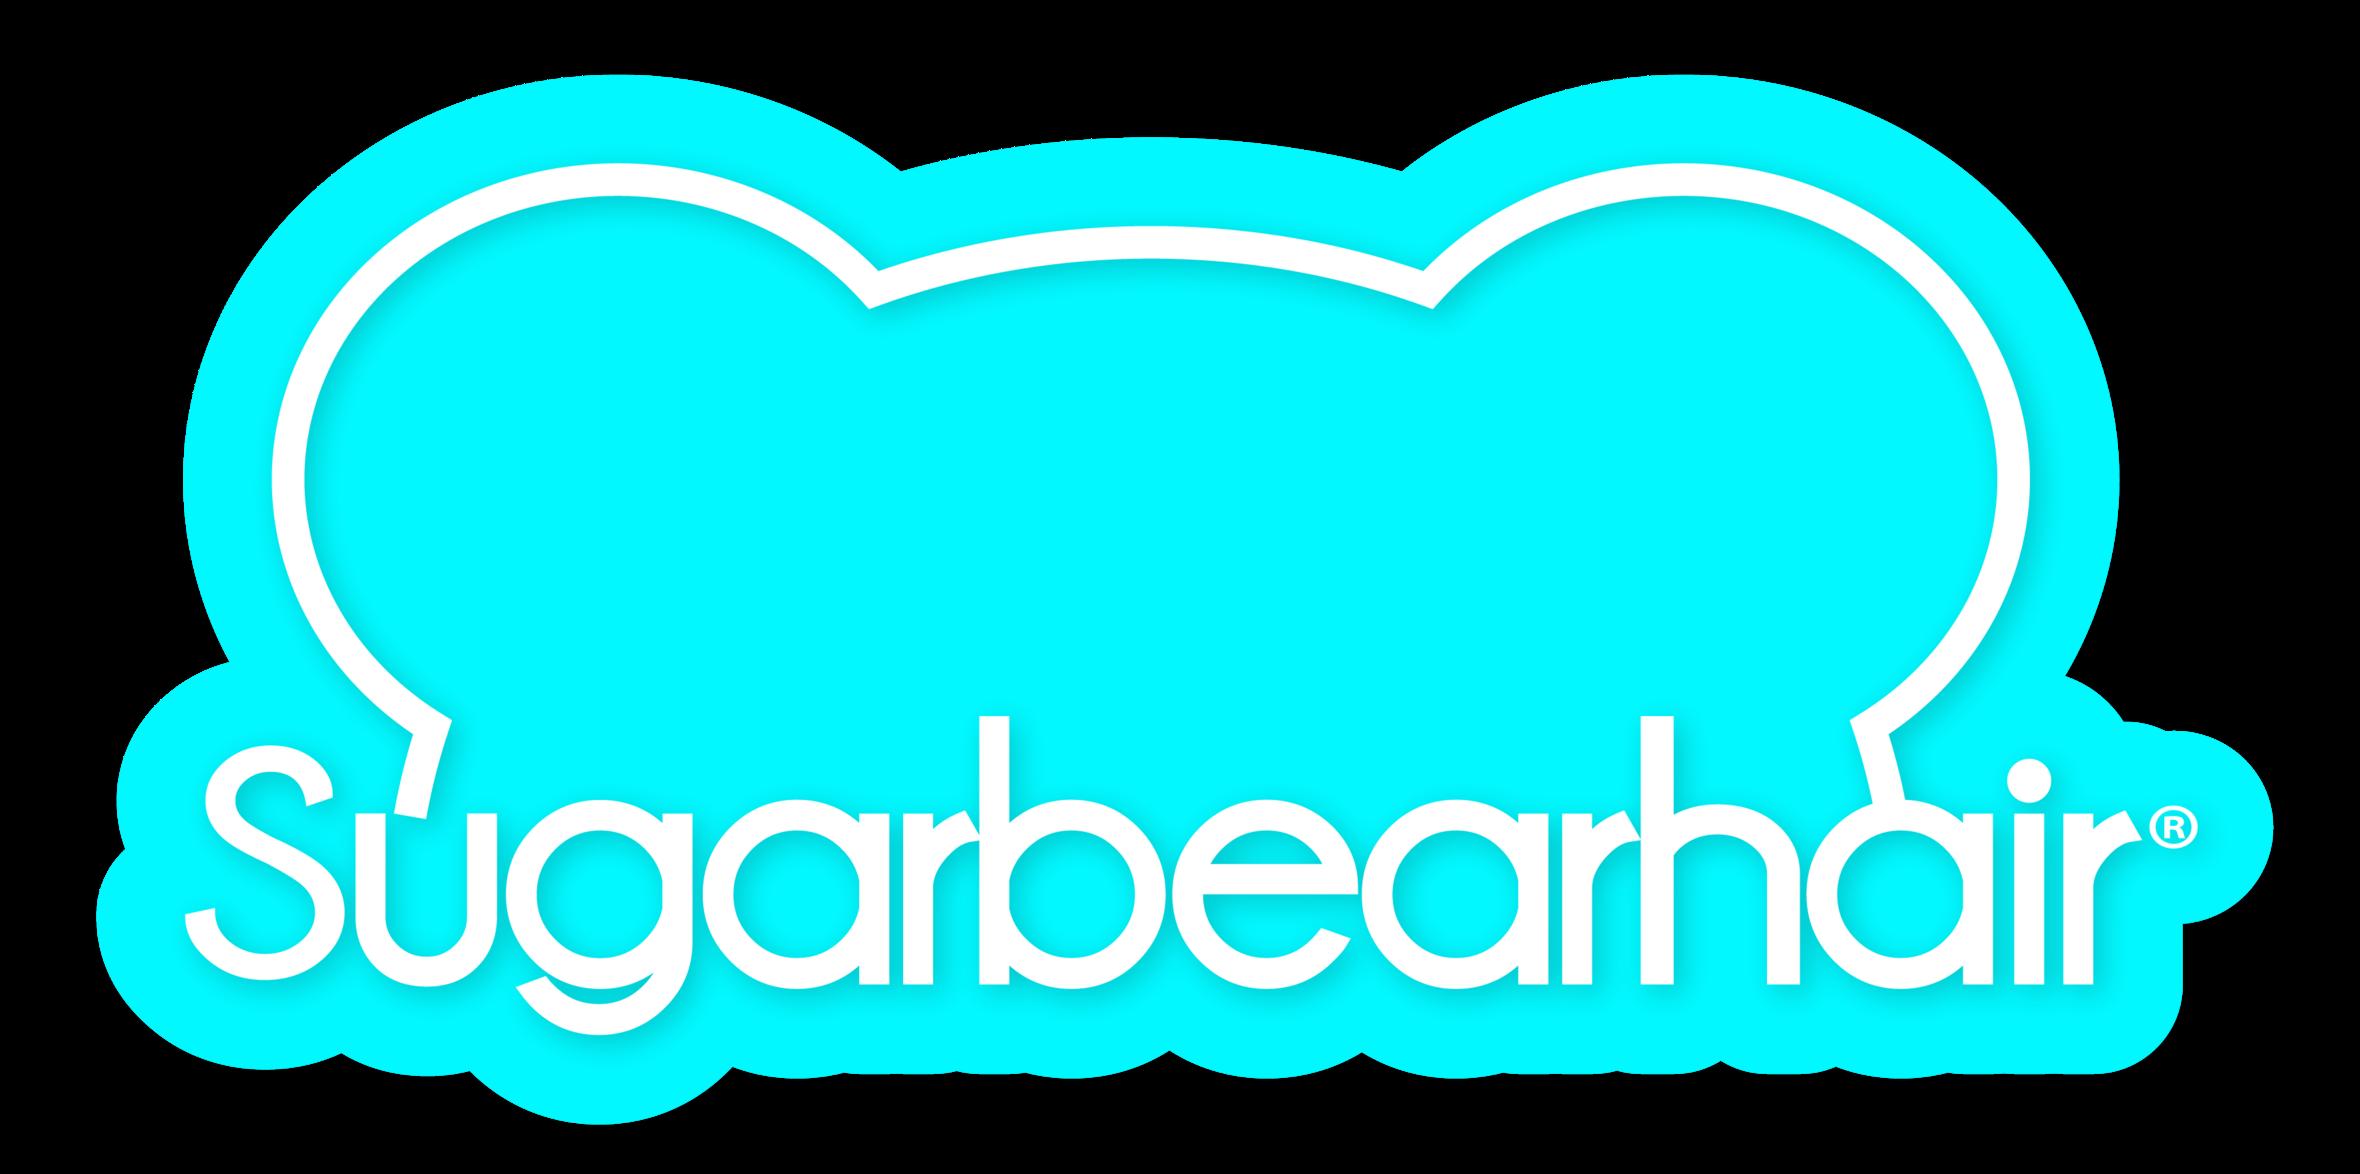 Sugar Bear Hair Voucher Codes